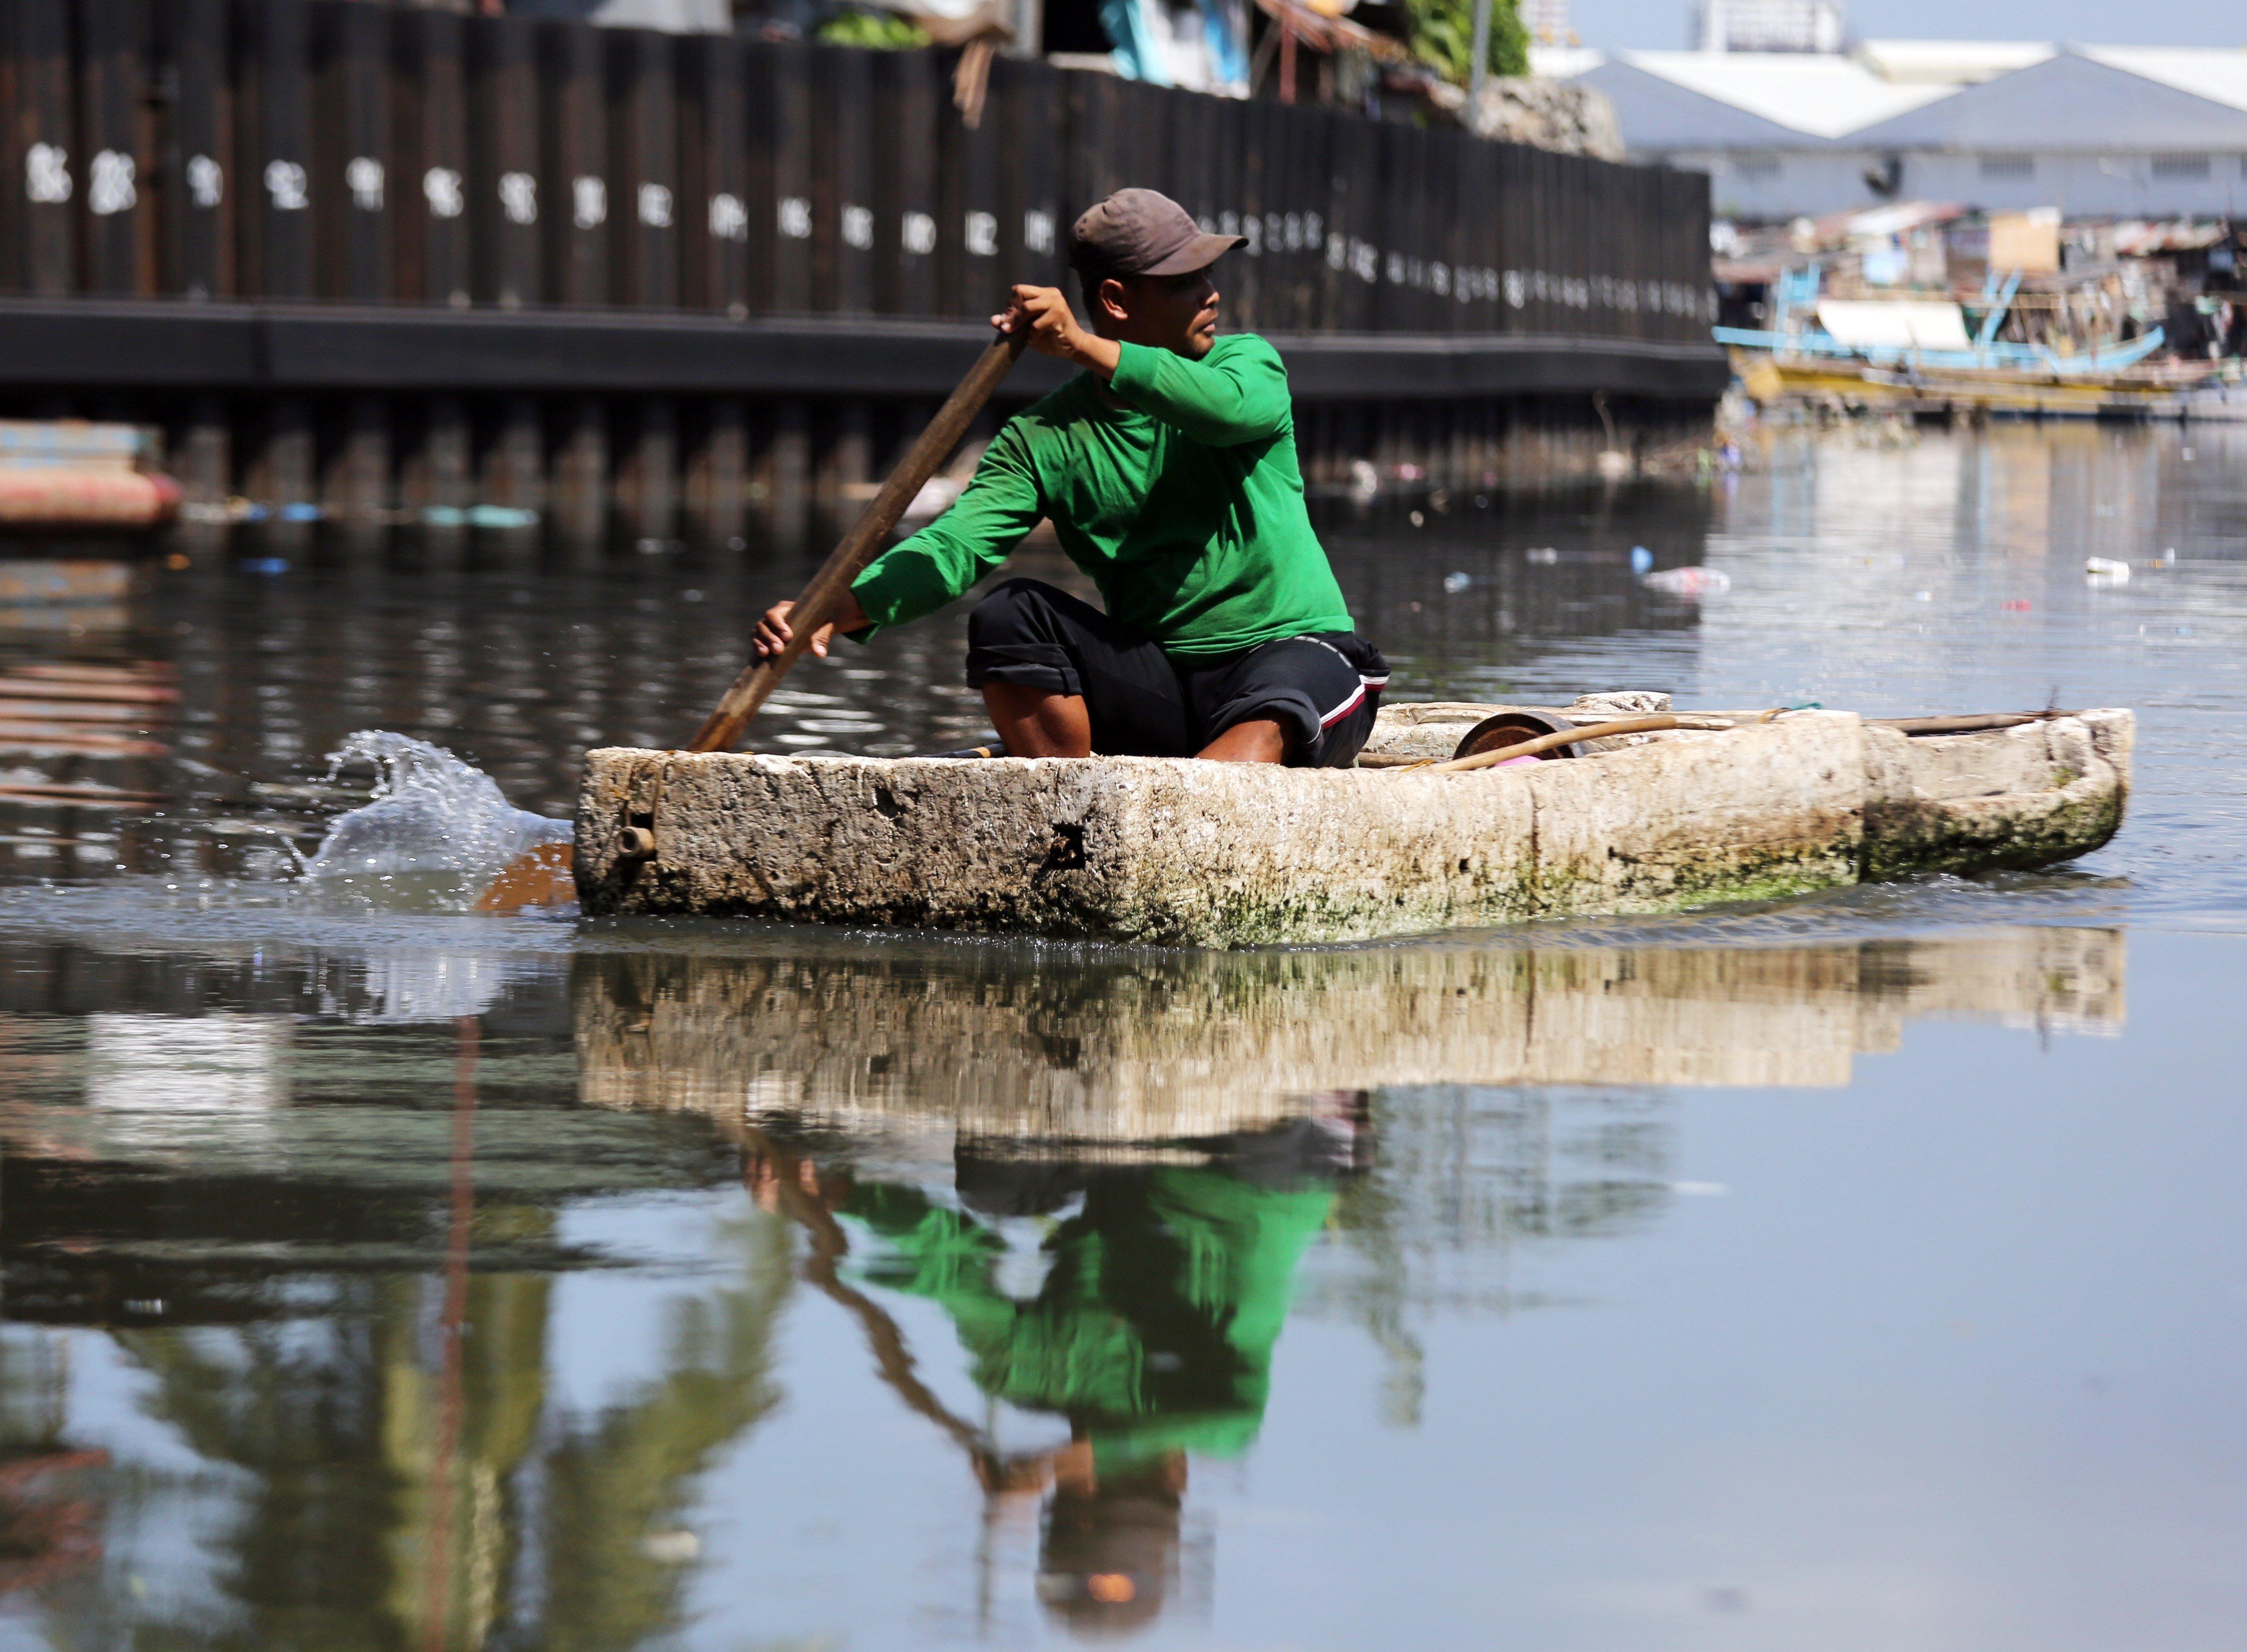 Inundacions a la ciutat de Paranaque, al sud de Manila, Filipines. /FRANCIS R. MALASIG